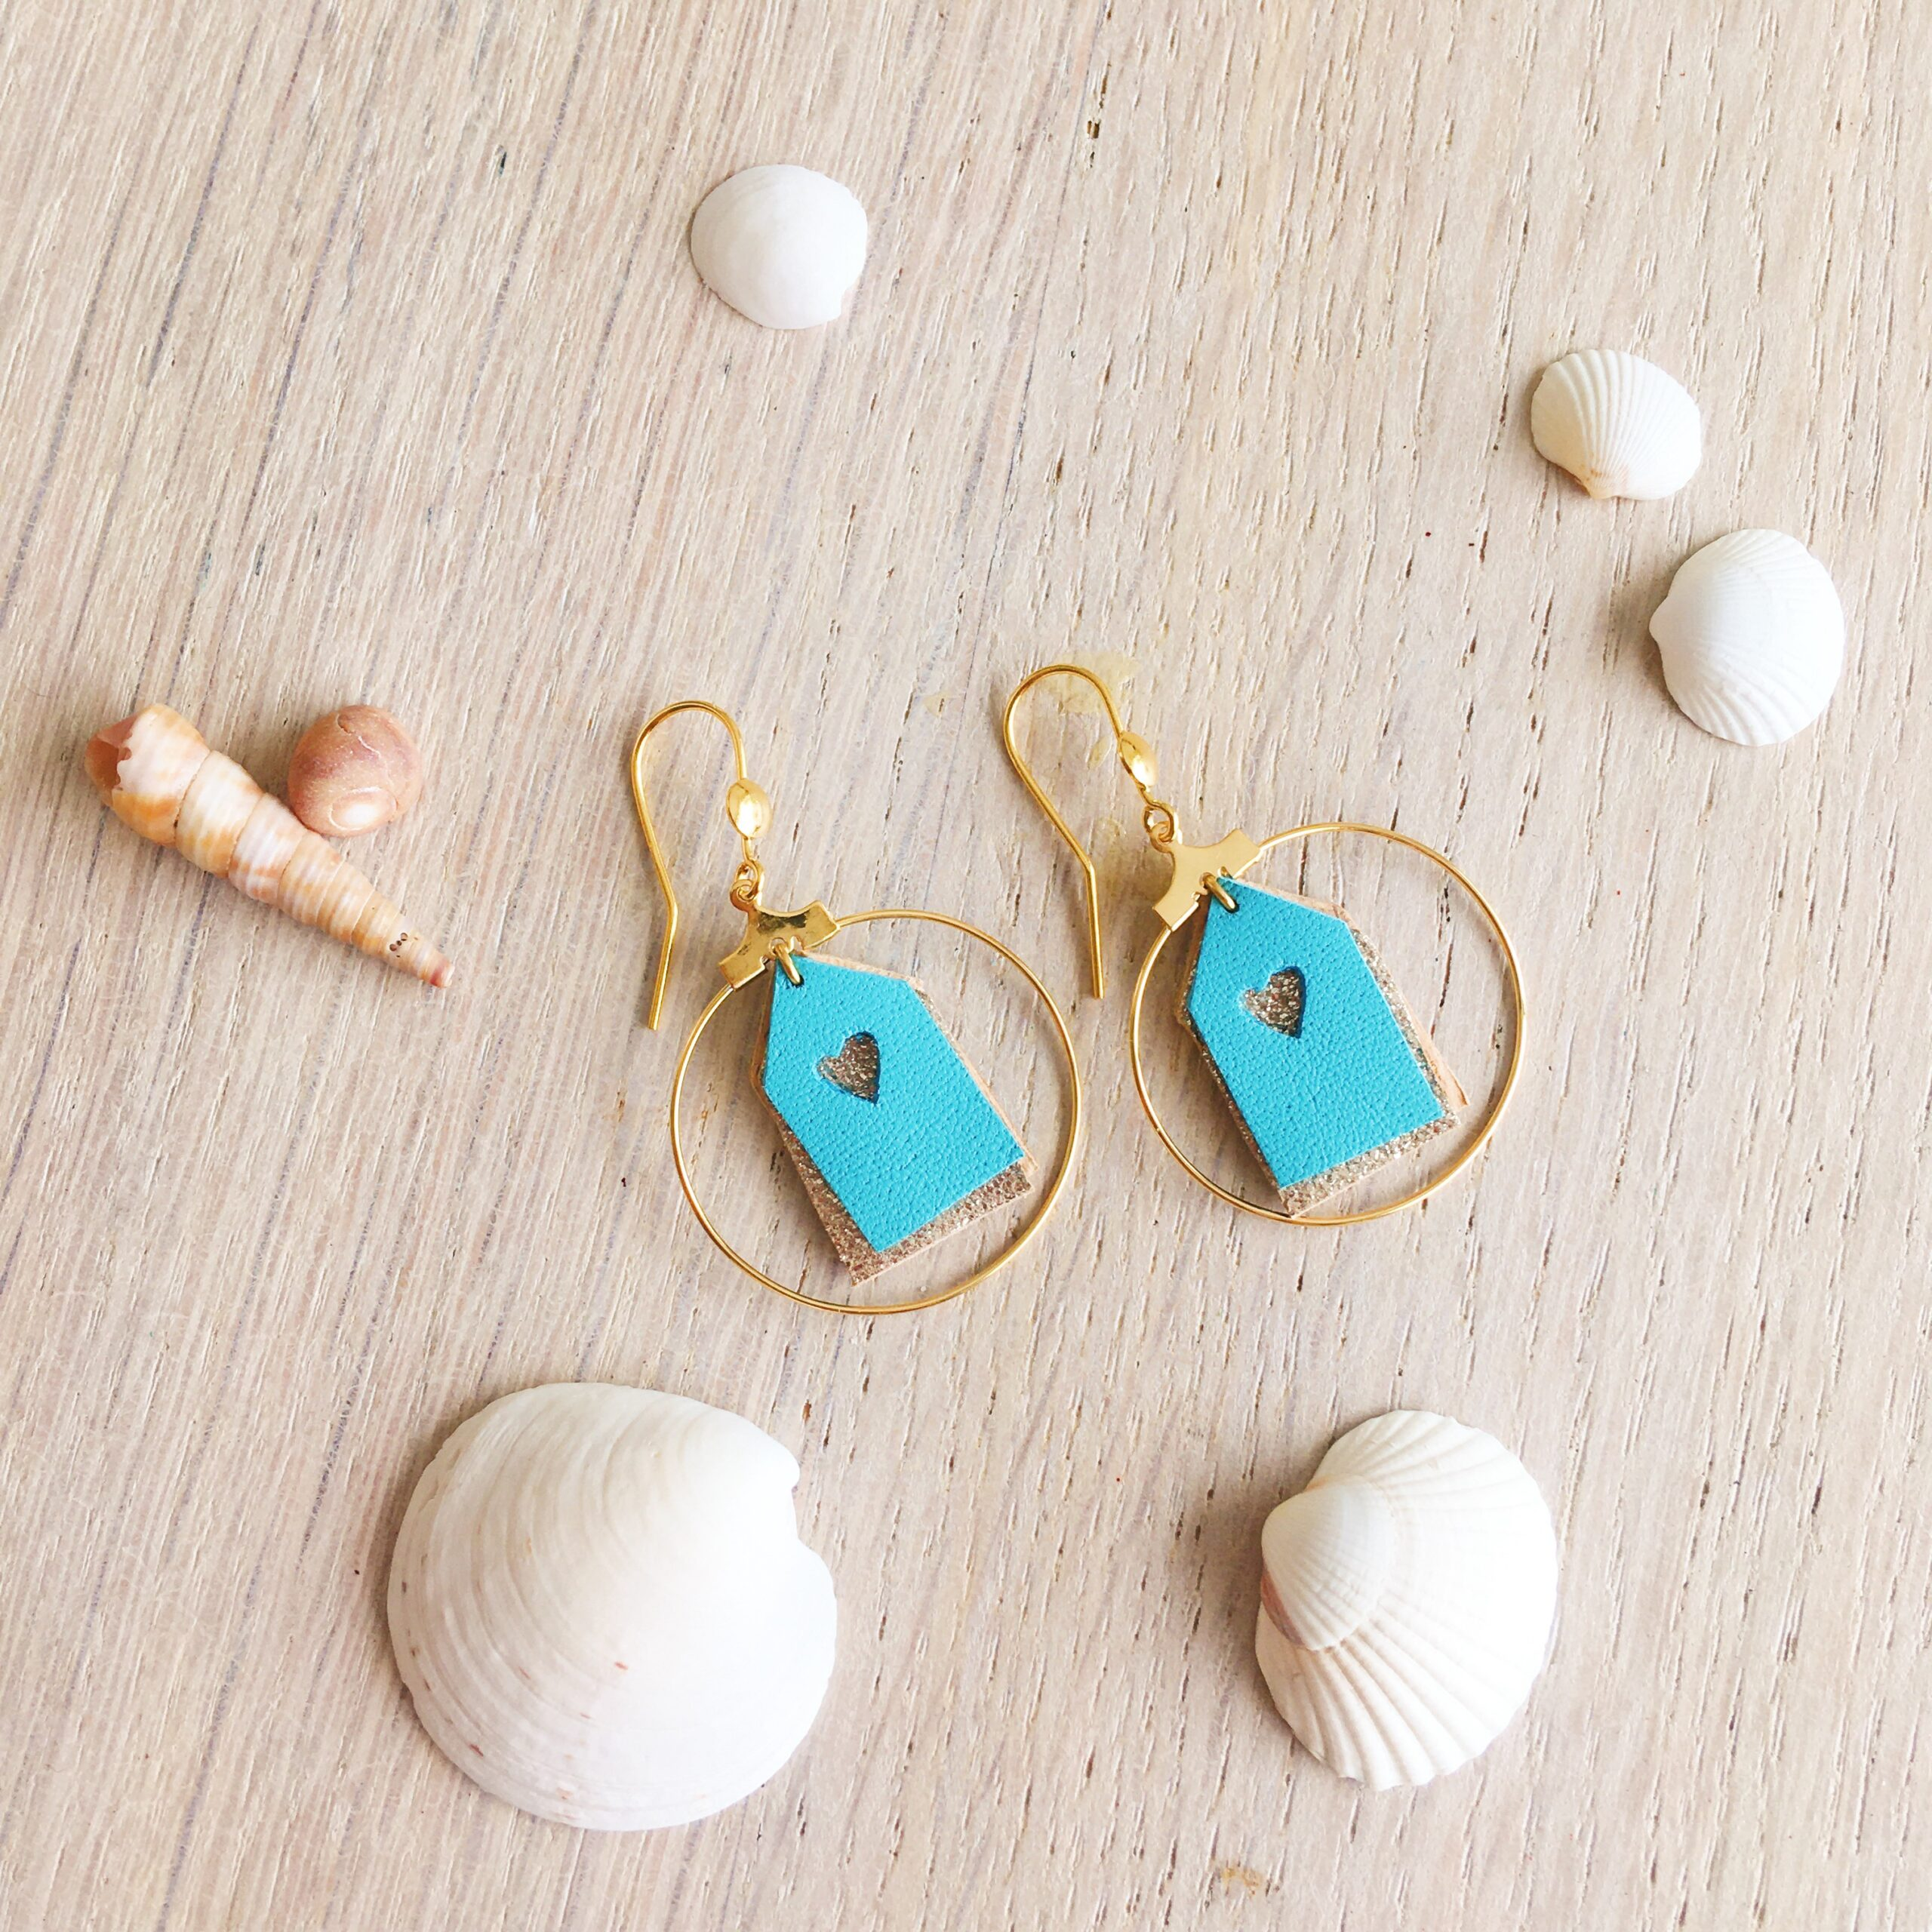 Boucles bijoux d'oreilles les petites maisons de plage en cuir made in France bleu turquoise et doré scintillant - du vent dans mes valises